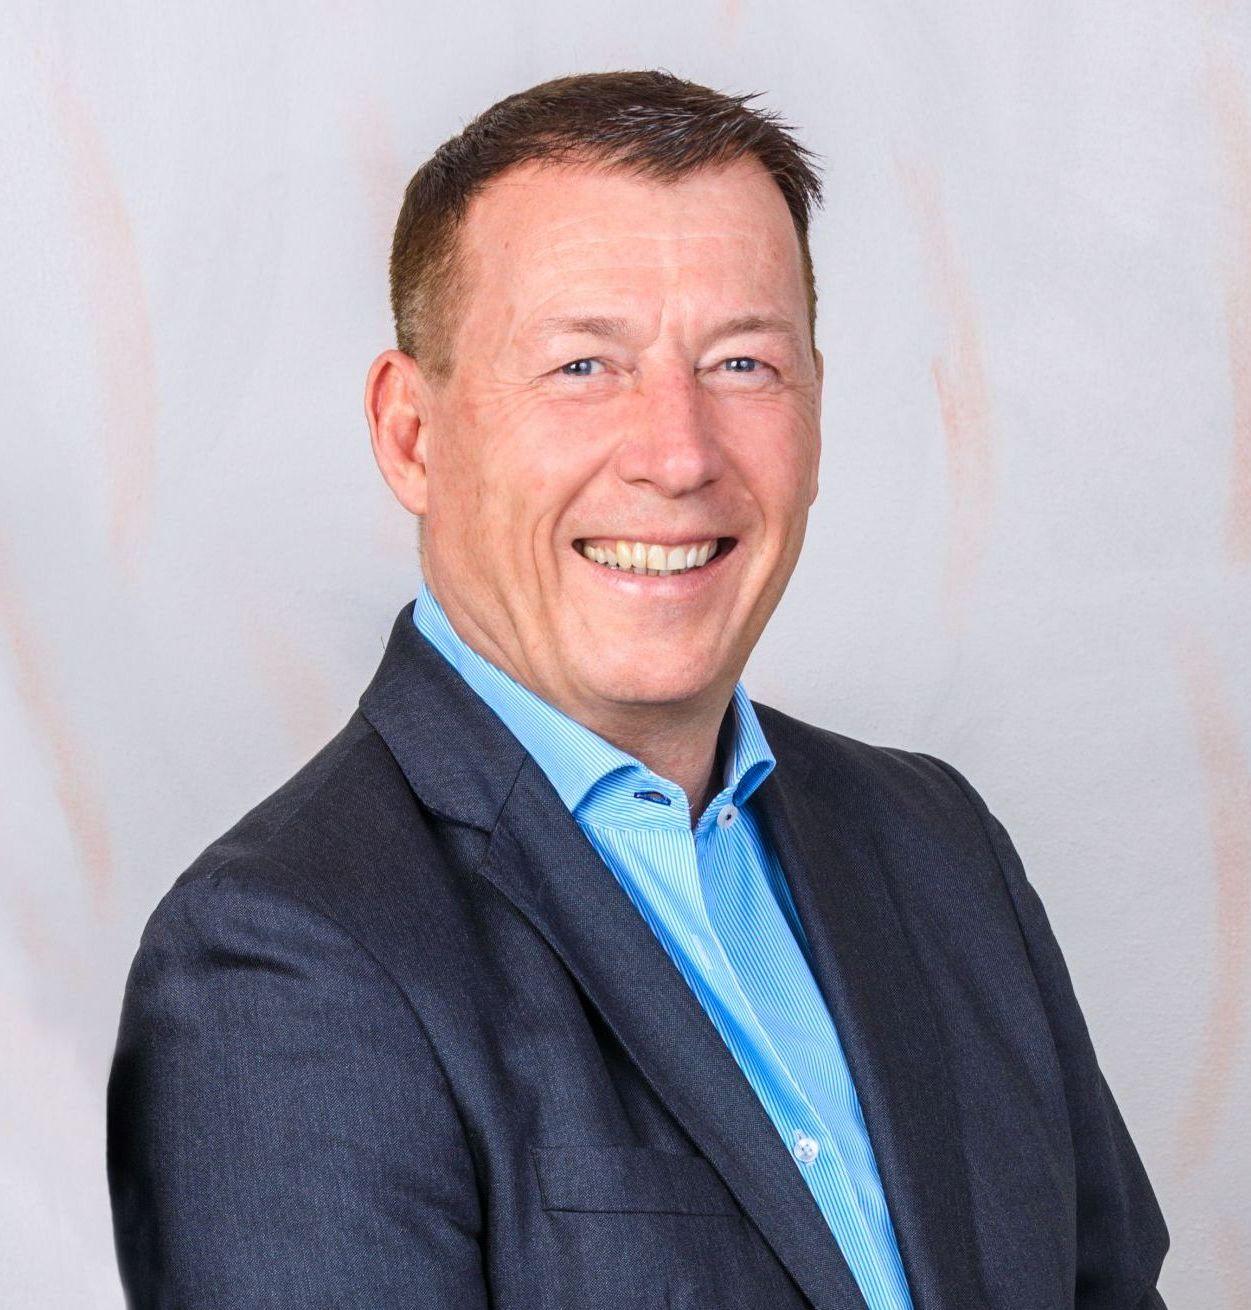 Stefan Stadler